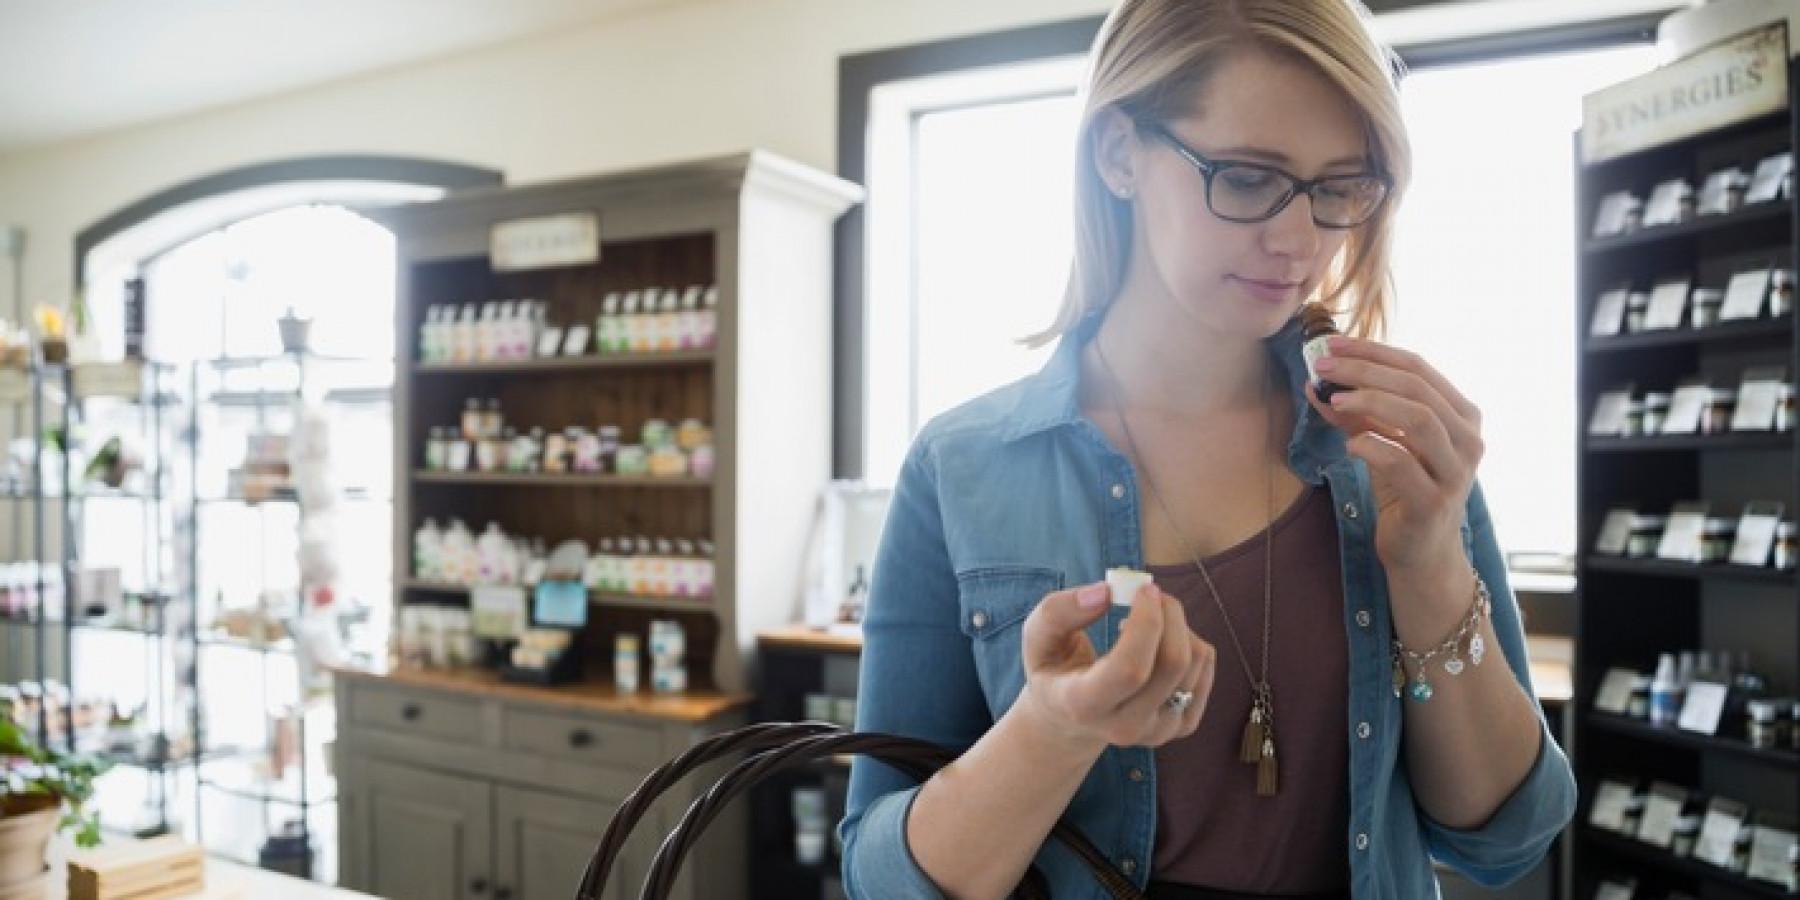 Kosmetik mit ätherischen Ölen auf Verträglichkeit prüfen